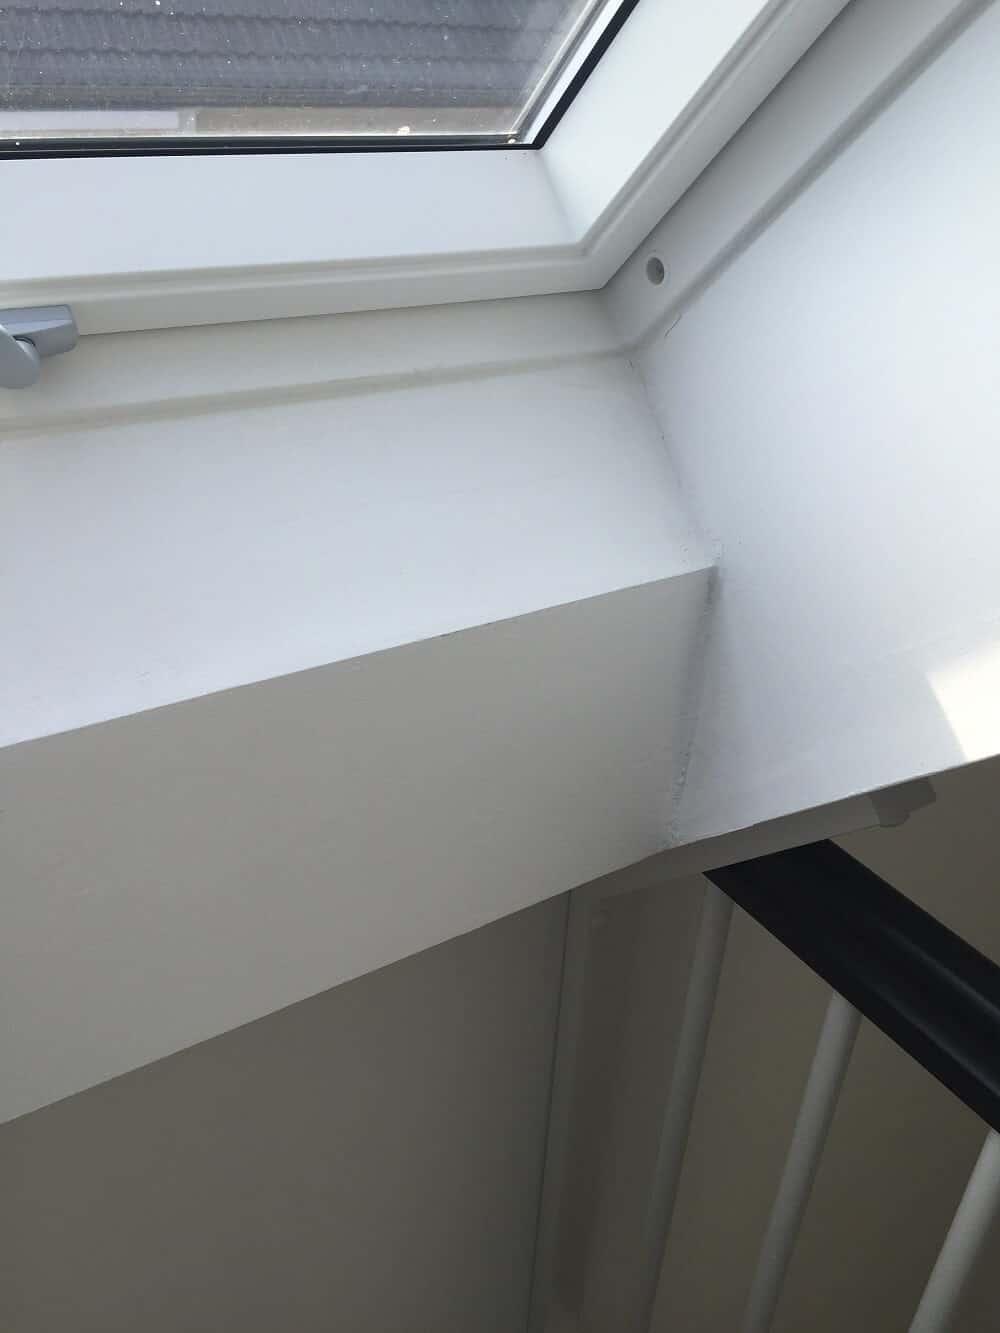 Extrem Dachfenster - Infos und Hintergründe zur Auswahl für dein LG43